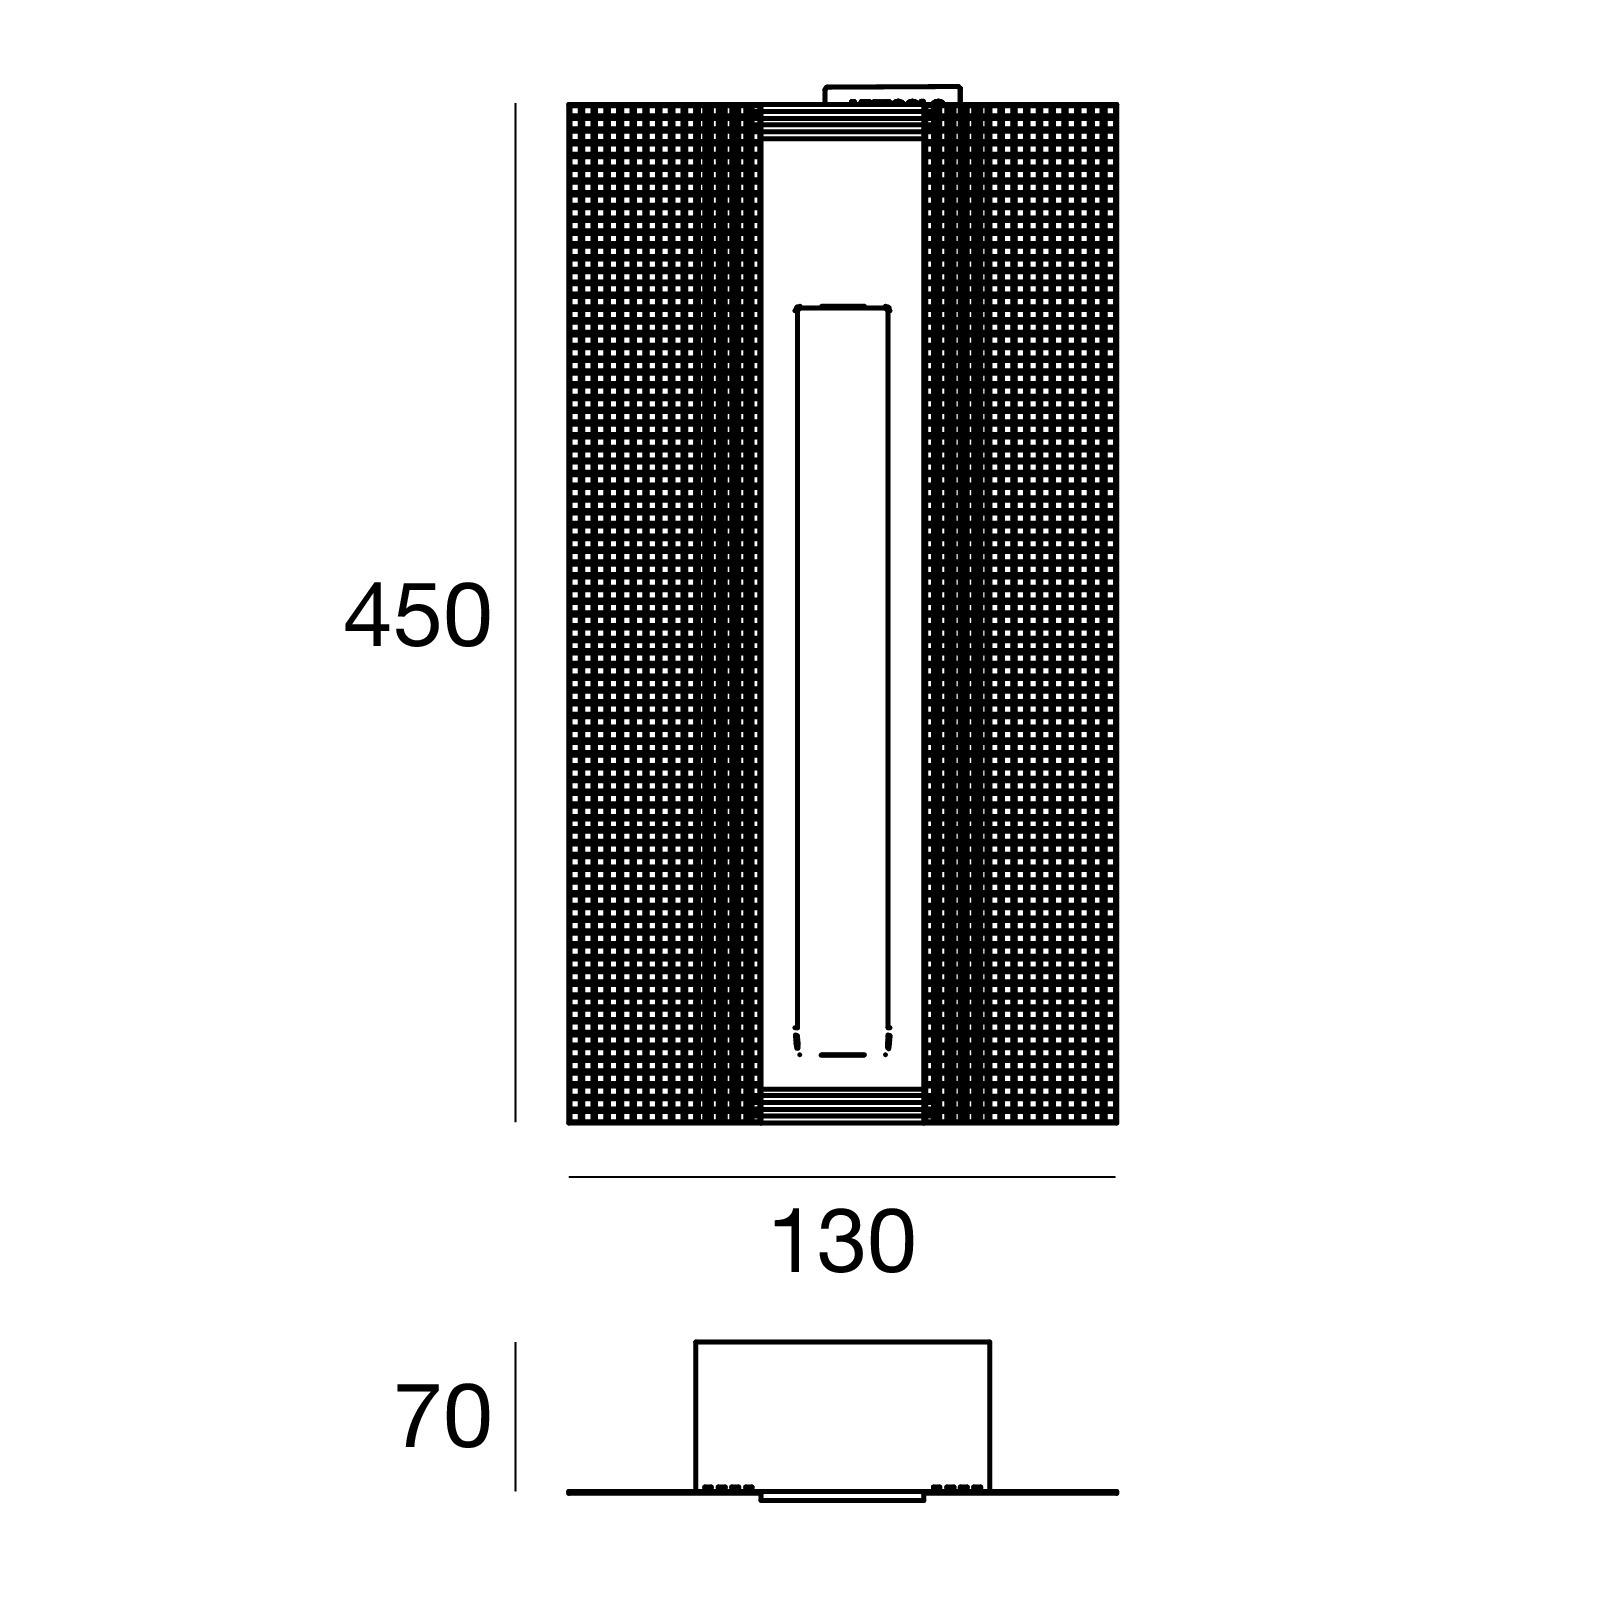 Cem_WF 64506W00 - Beton - powerLED - 2.0 W - Linea Light Group